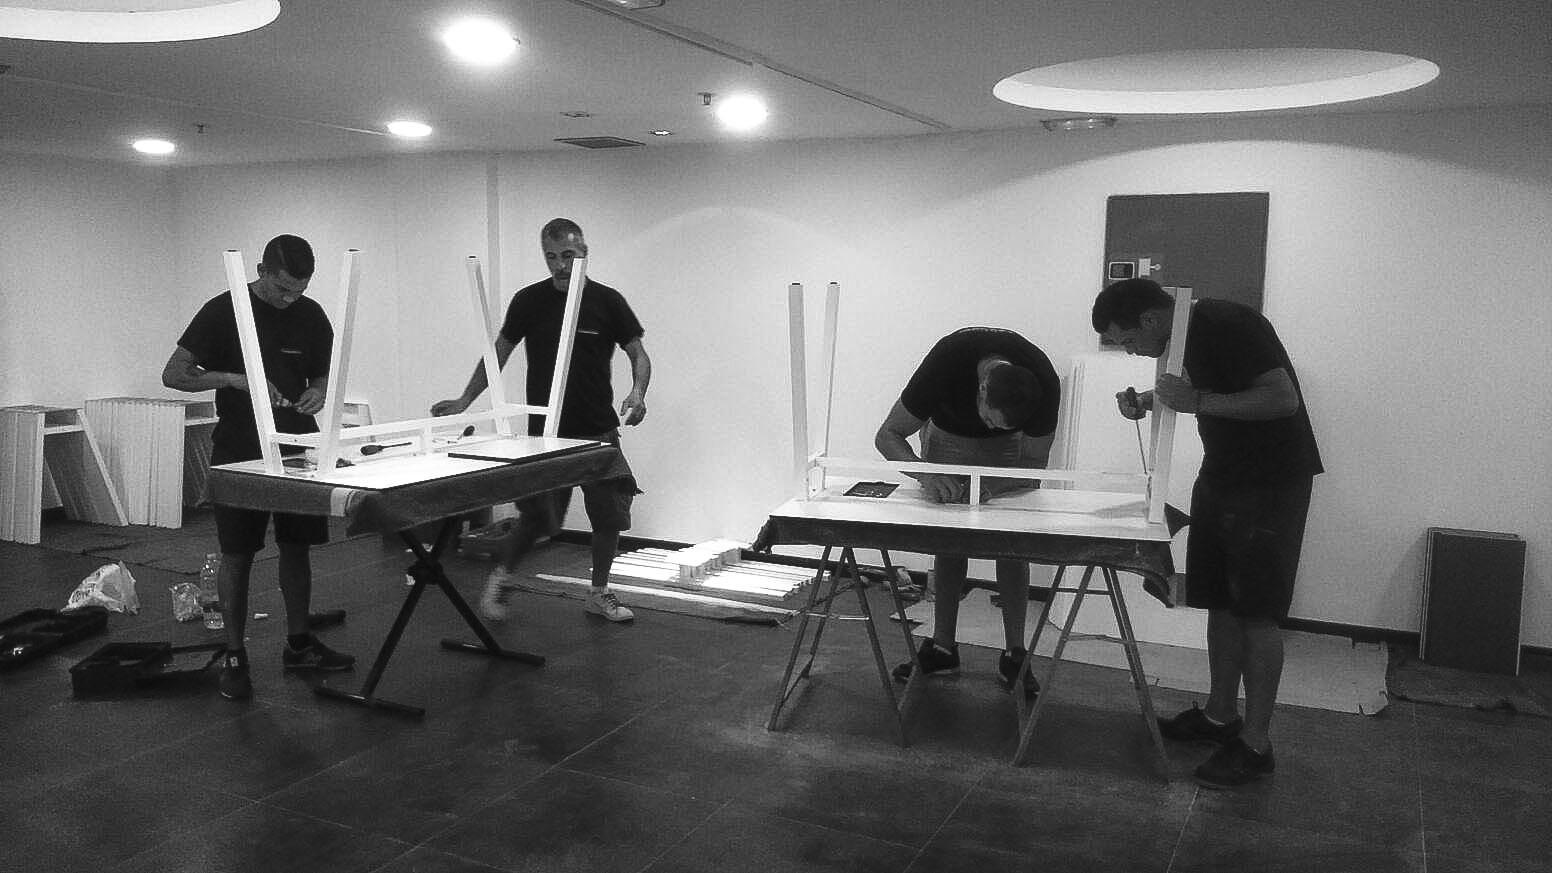 Parte del equipo de San Antonio Mudanzas Valencia en el montaje de muebles de la Escuela de Hostelería de Madrid